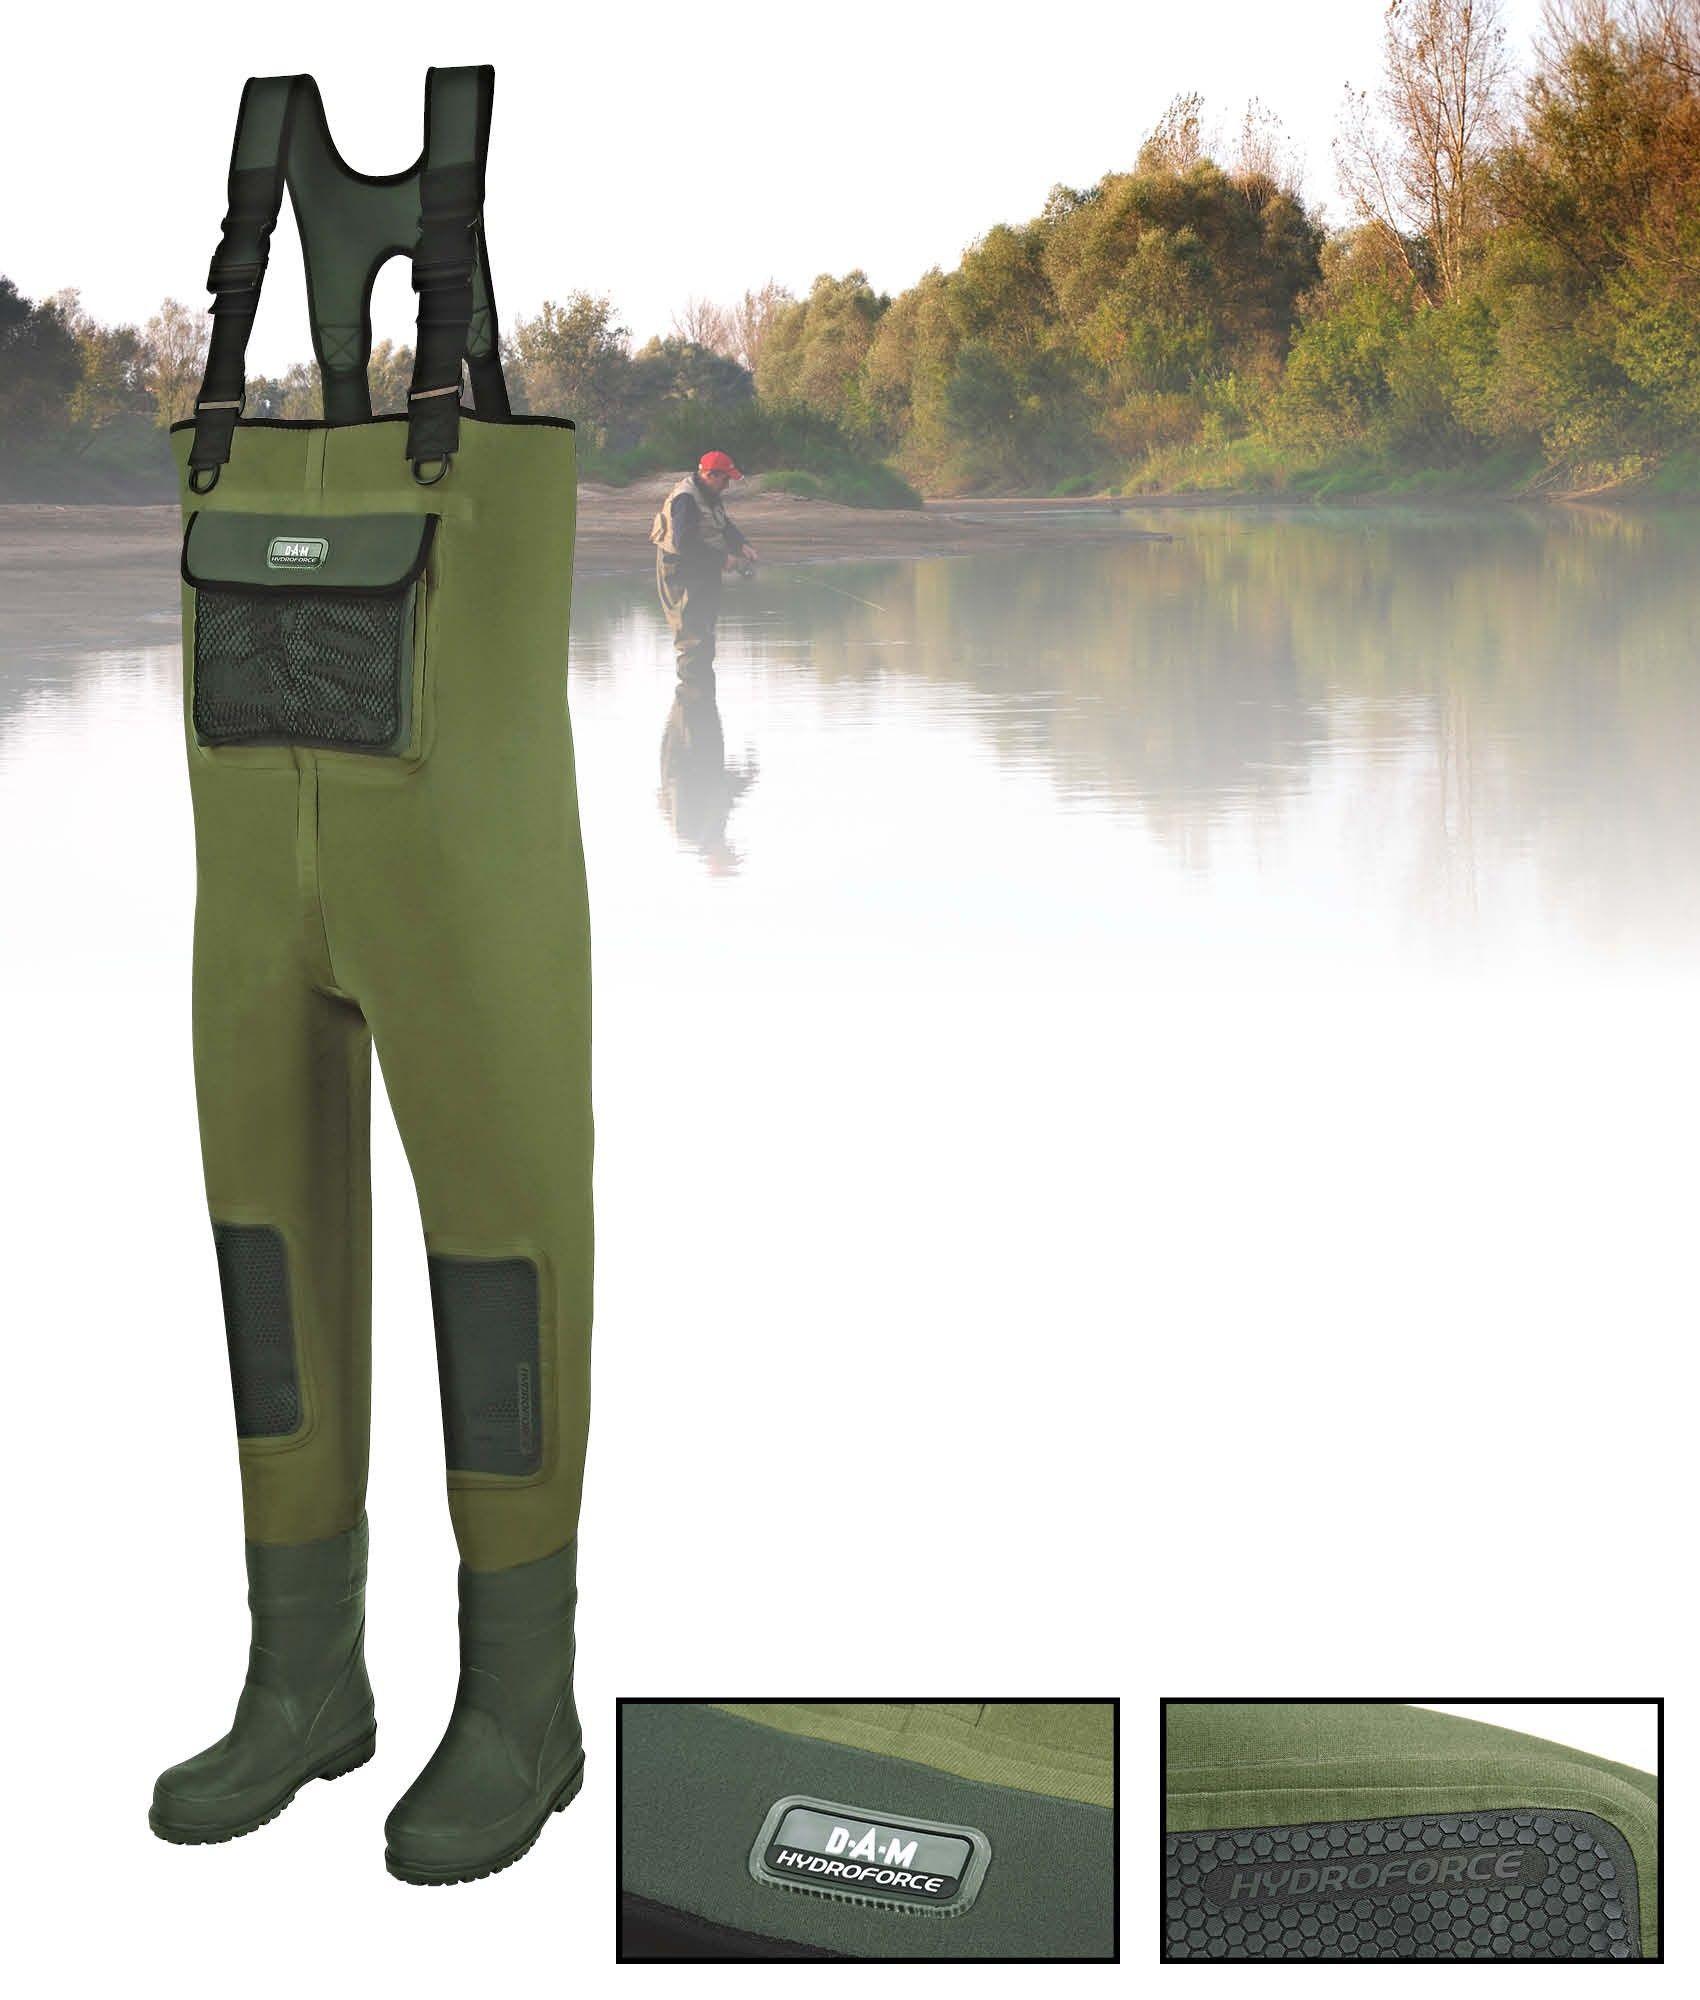 Pêche à la mouche Héros torse Waders pour hommes avec bottes de chasse Waders de pêche Bottes ne